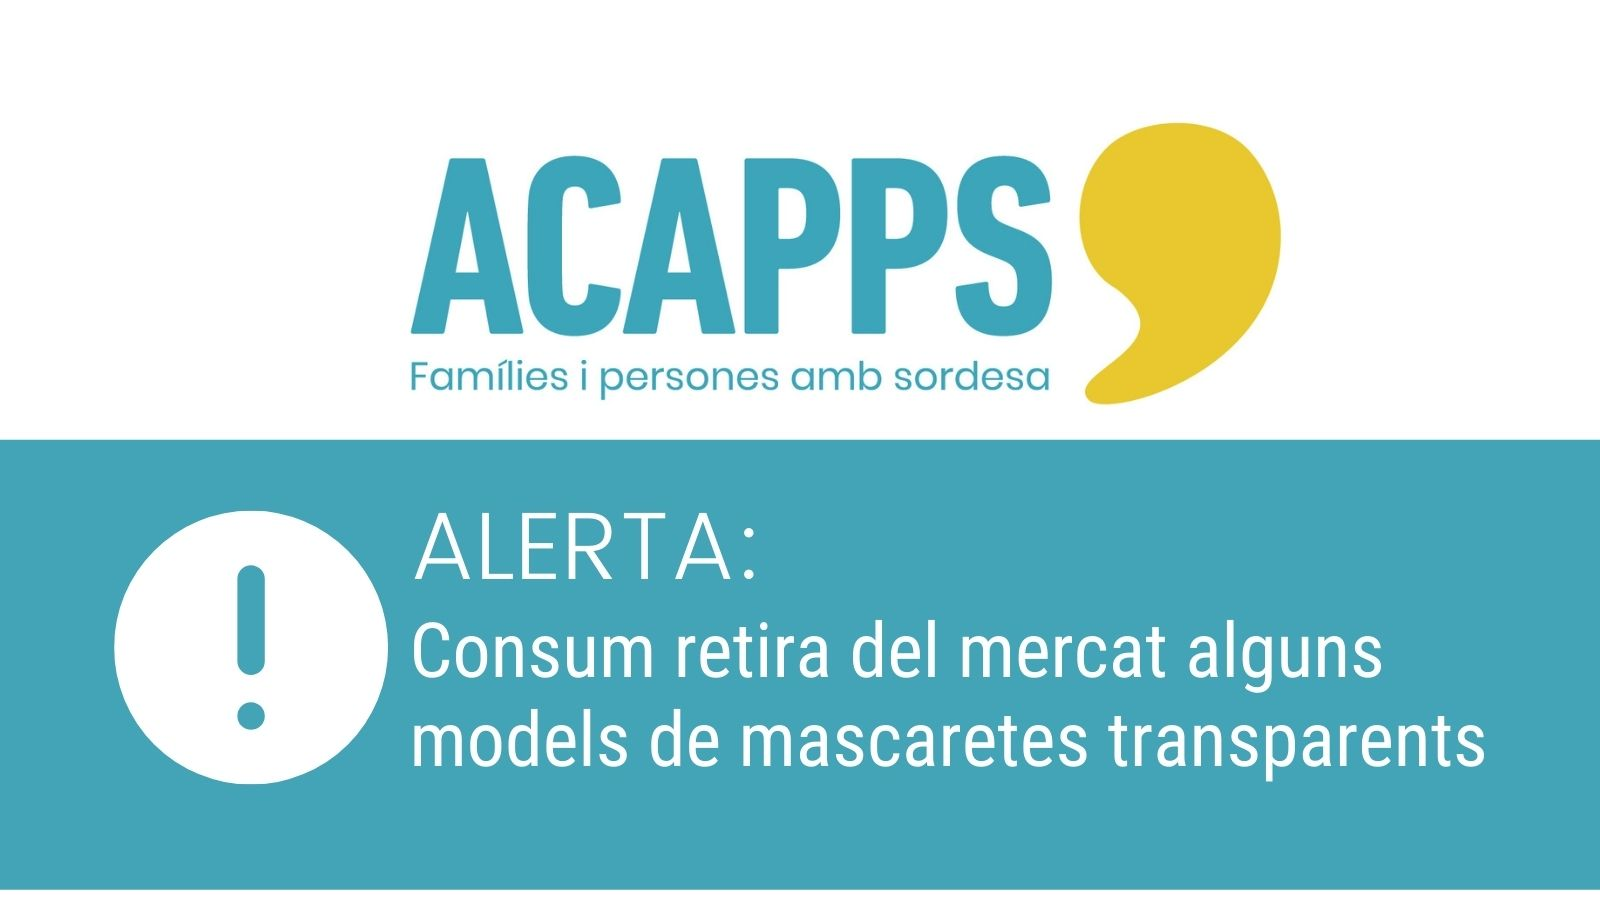 Alerta: Consum retira del mercat alguns models de mascaretes transparents per no ser segures